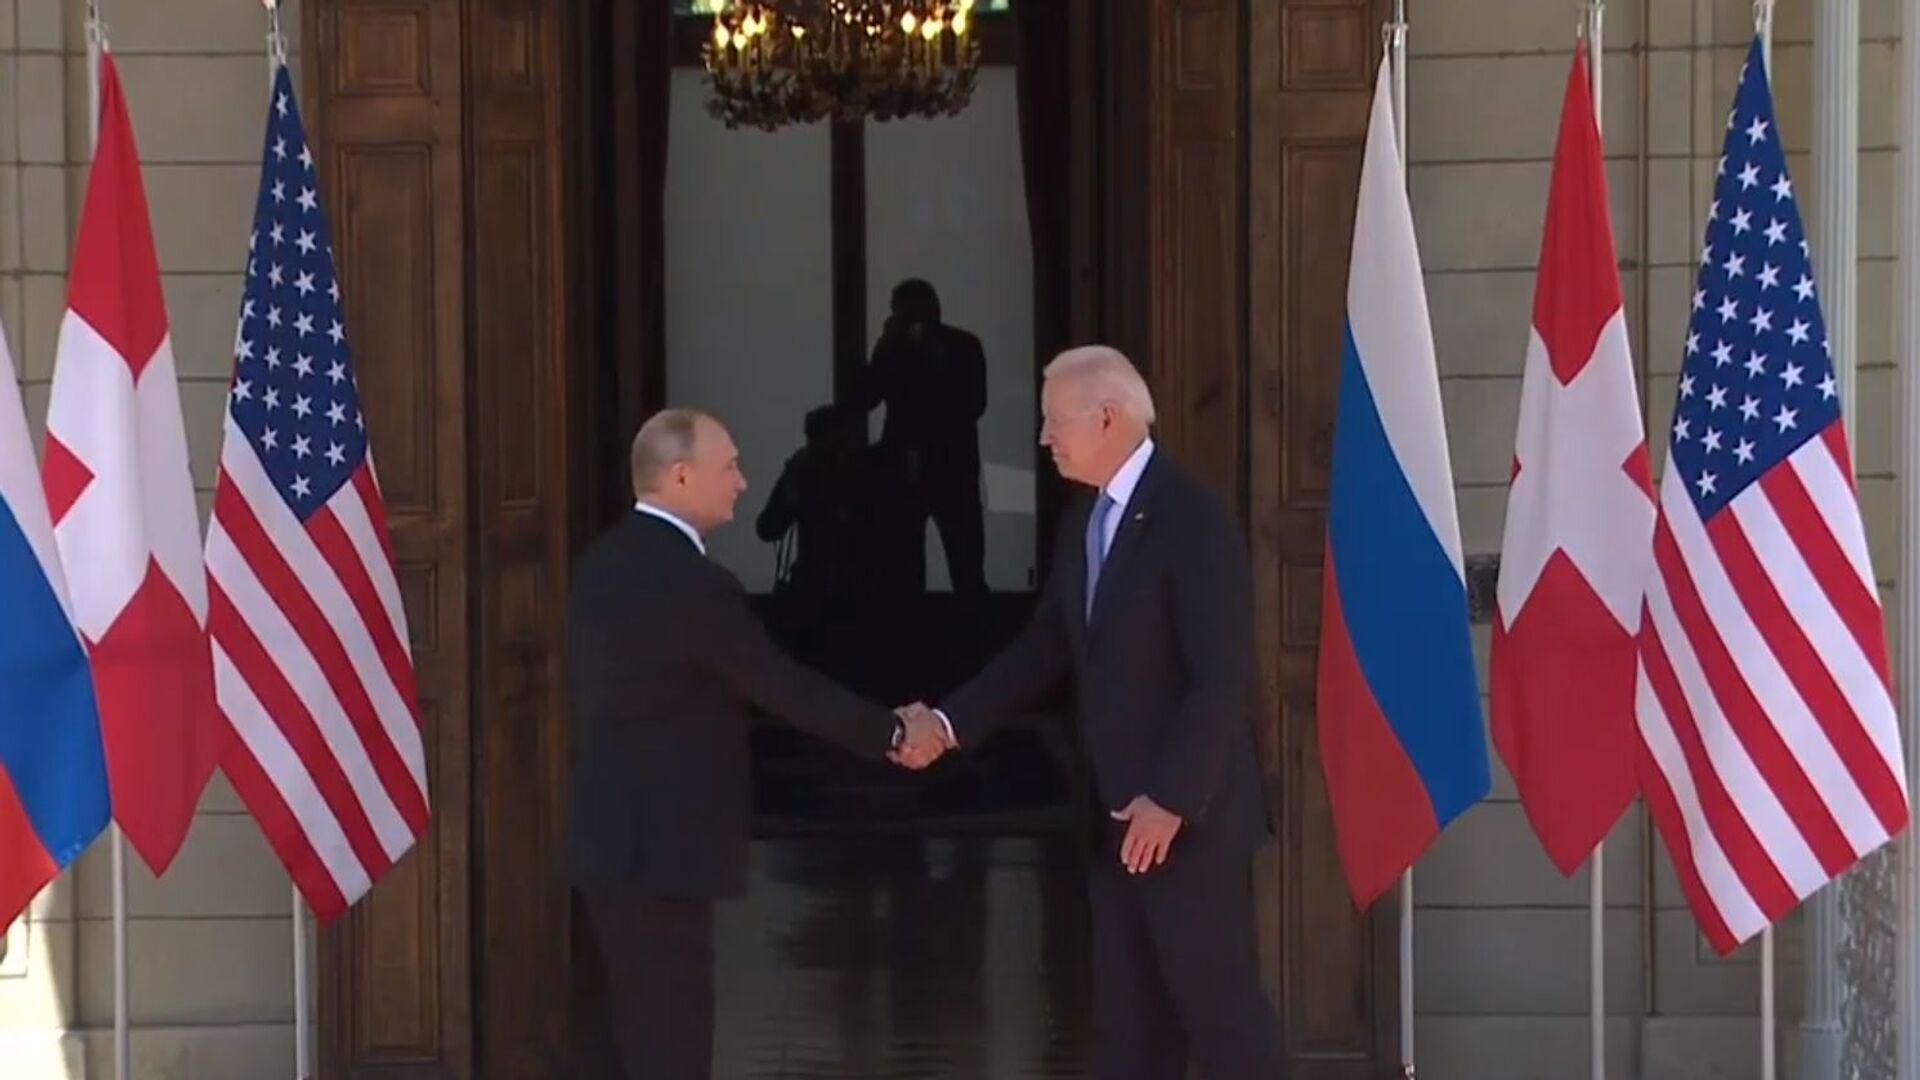 Vladimir Putin i Džo Bajden u Ženevi - Sputnik Srbija, 1920, 17.07.2021